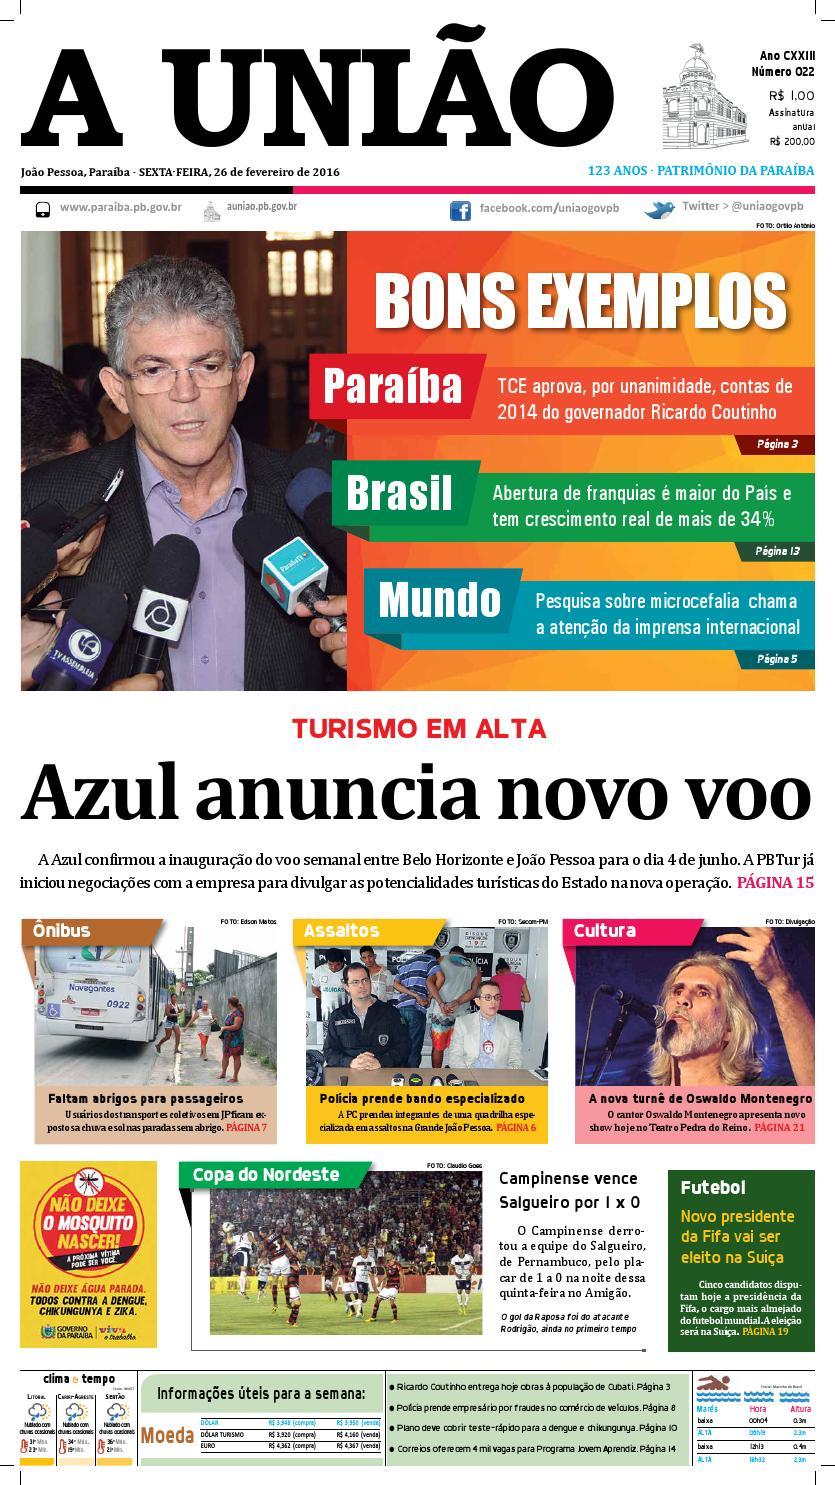 11fcc4e51e Jornal A União 26 02 16 by Jornal A União - issuu